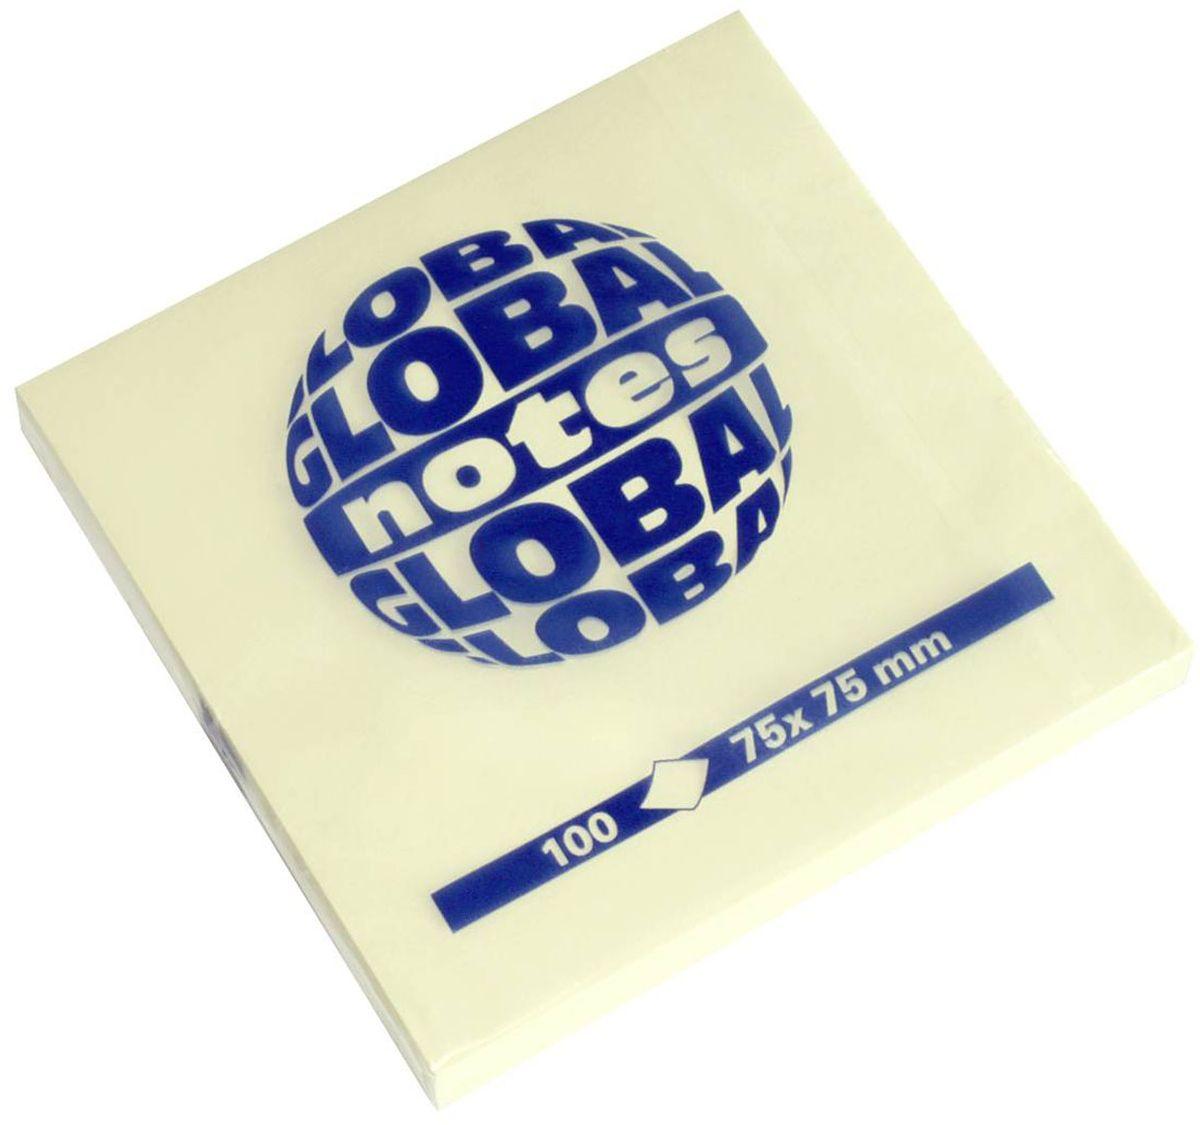 Global Notes Бумага для заметок с липким слоем цвет желтый 7,5 х 7,5 см 100 листов 36540172523WDБумага для заметок с липким краем Global Notes - это удобное и практичное решение для быстрой записи информации дома или на работе.Качественная клеевая полоса рассчитана на крепление к любой поверхности, позволяет приклеивать и отклеивать листок неограниченное количество раз, не оставляя следов. Блок состоит из 100 листов бумаги желтого пастельного цвета.Размер блока - 75 х 75 мм.Плотность бумаги 70г/м2.